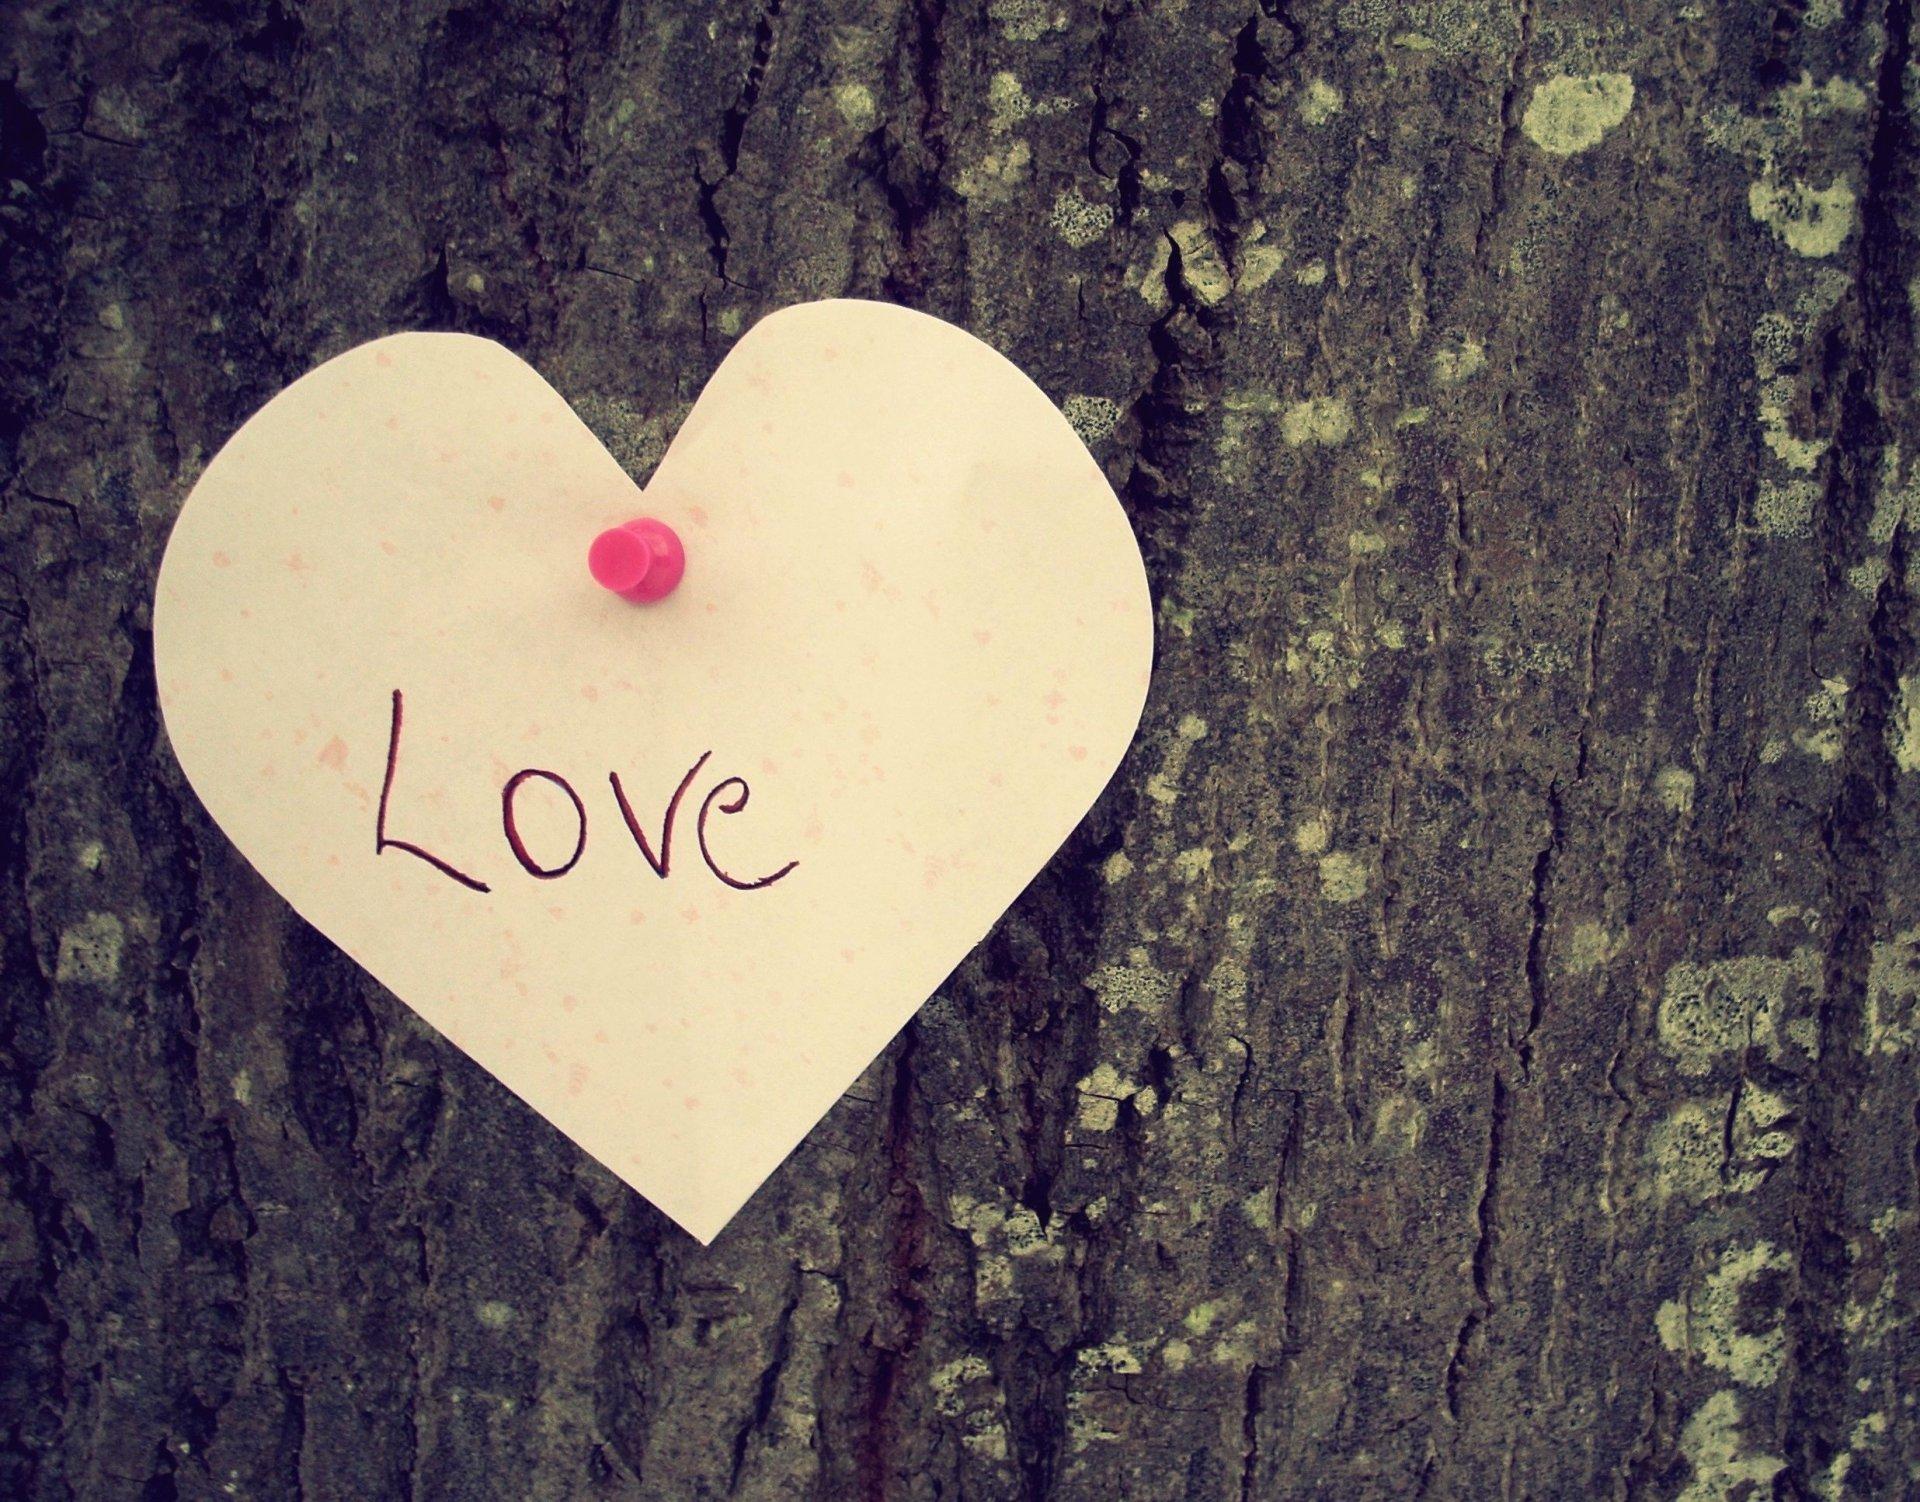 Картинки с надписями про любовь вконтакте, обозначения туалетов